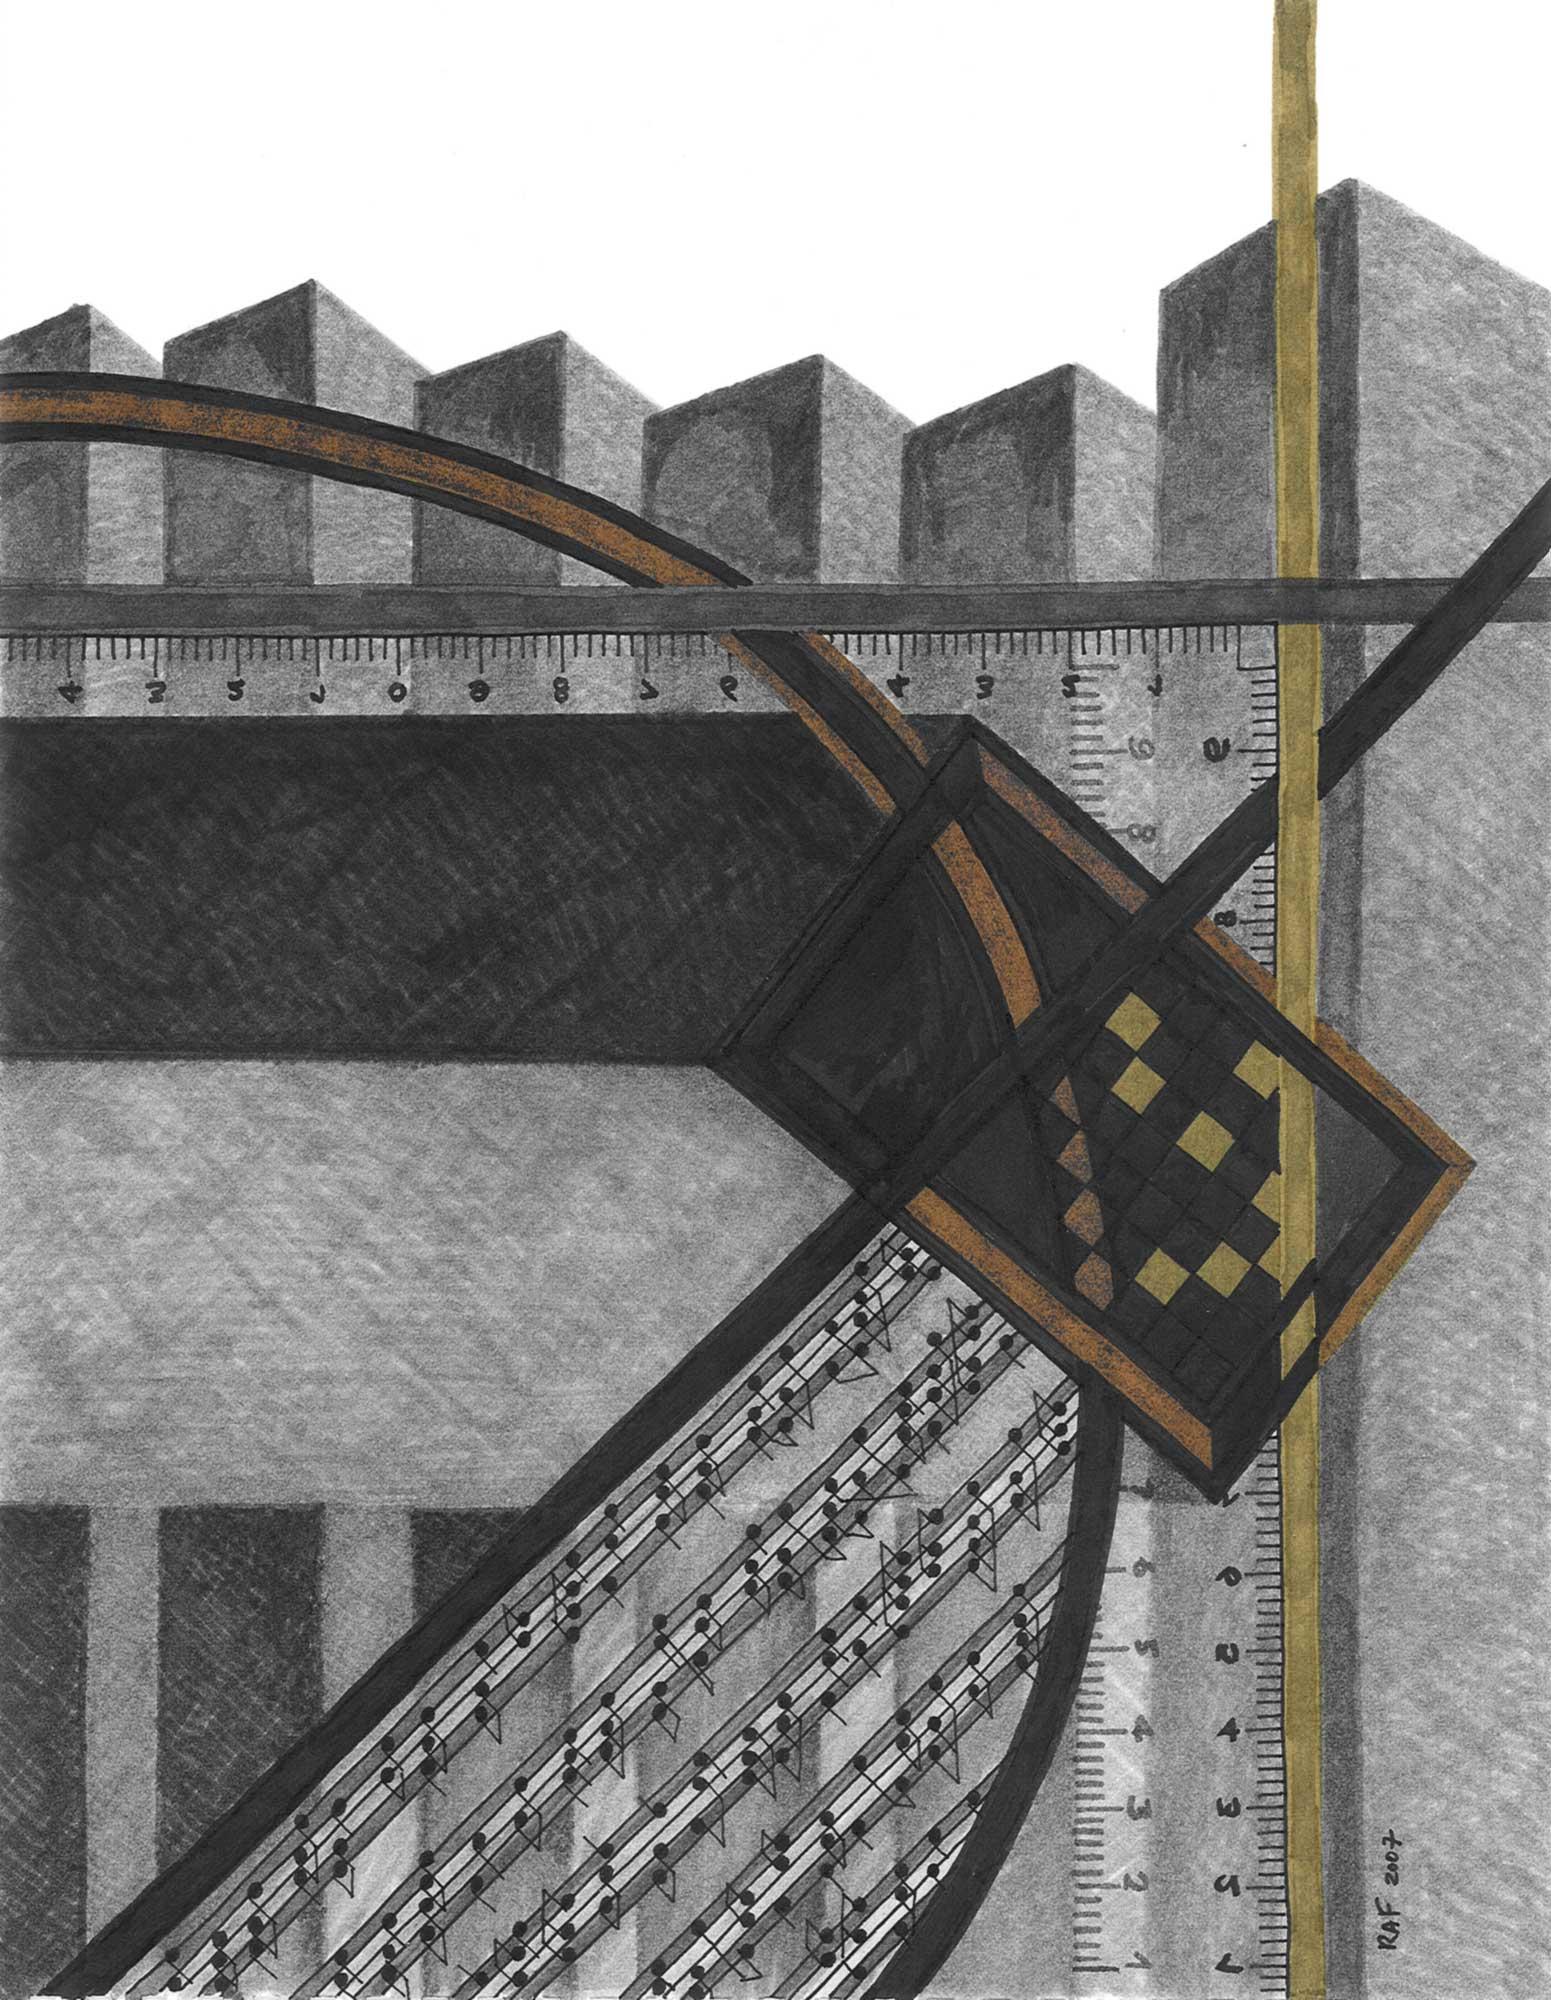 Metropolis, dessin, Raf Listowski, 2007